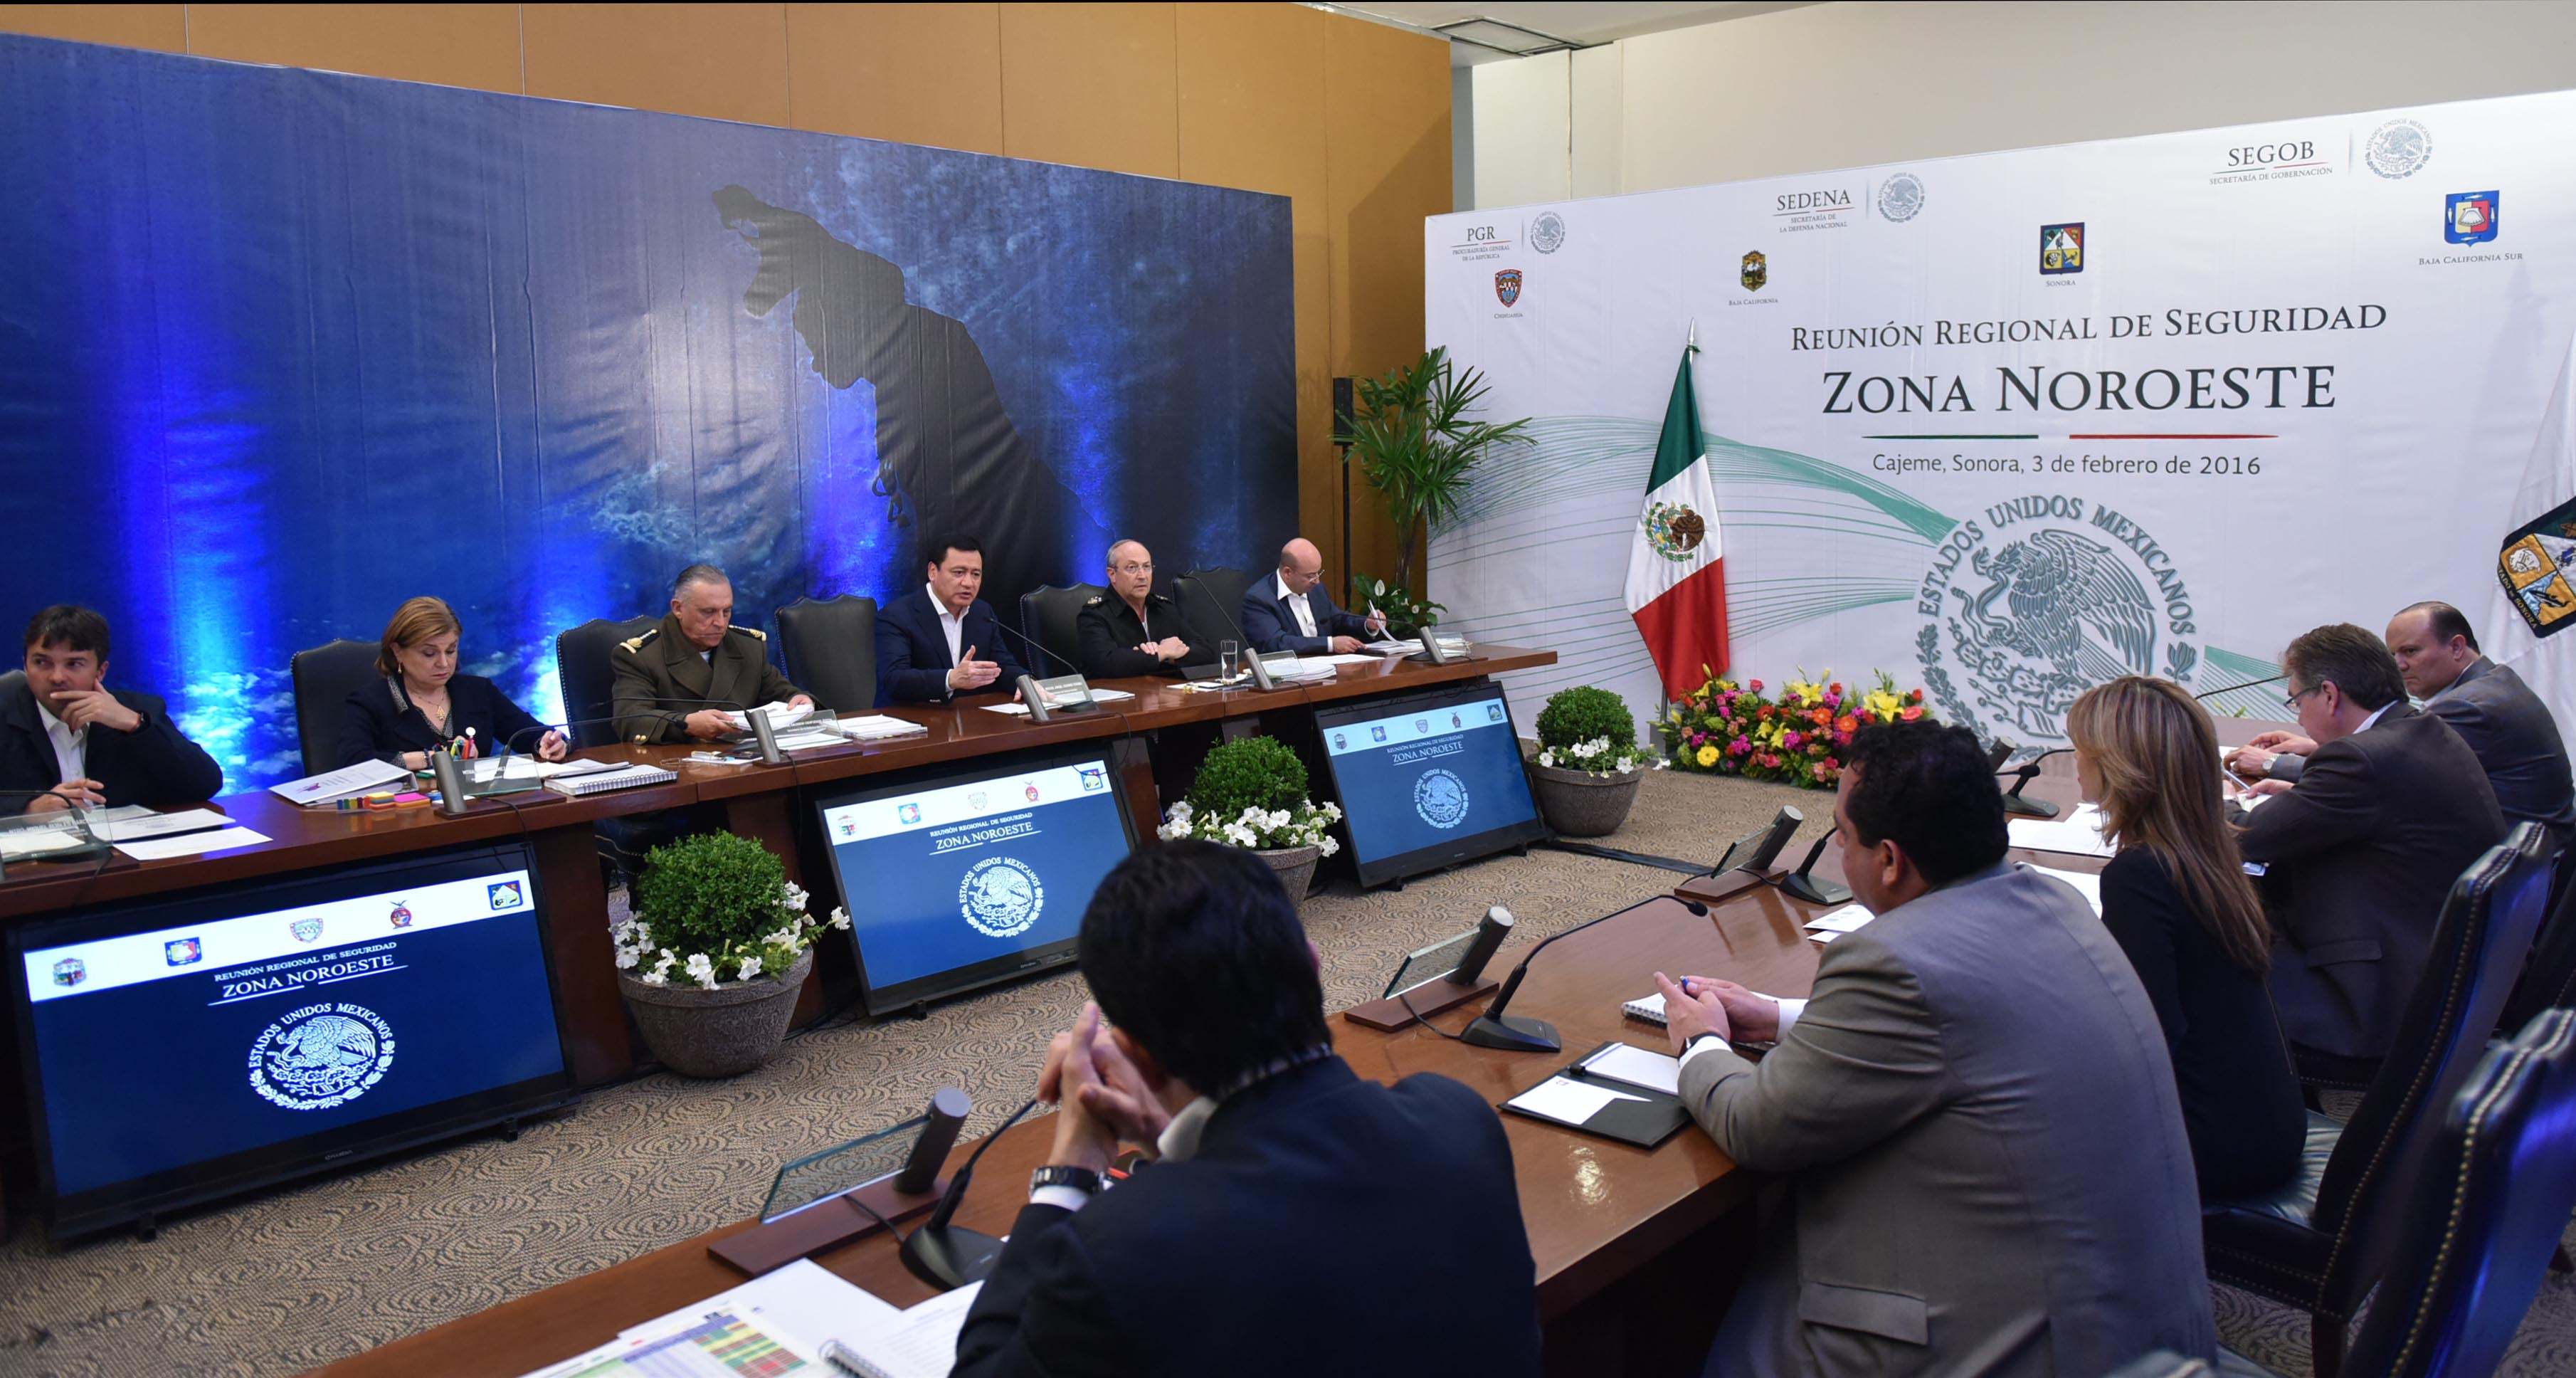 El Secretario de Gobernación, Miguel Ángel Osorio Chong, encabezó la Reunión de Seguridad Zona Noroeste que se llevó a cabo en Cajeme, Sonora